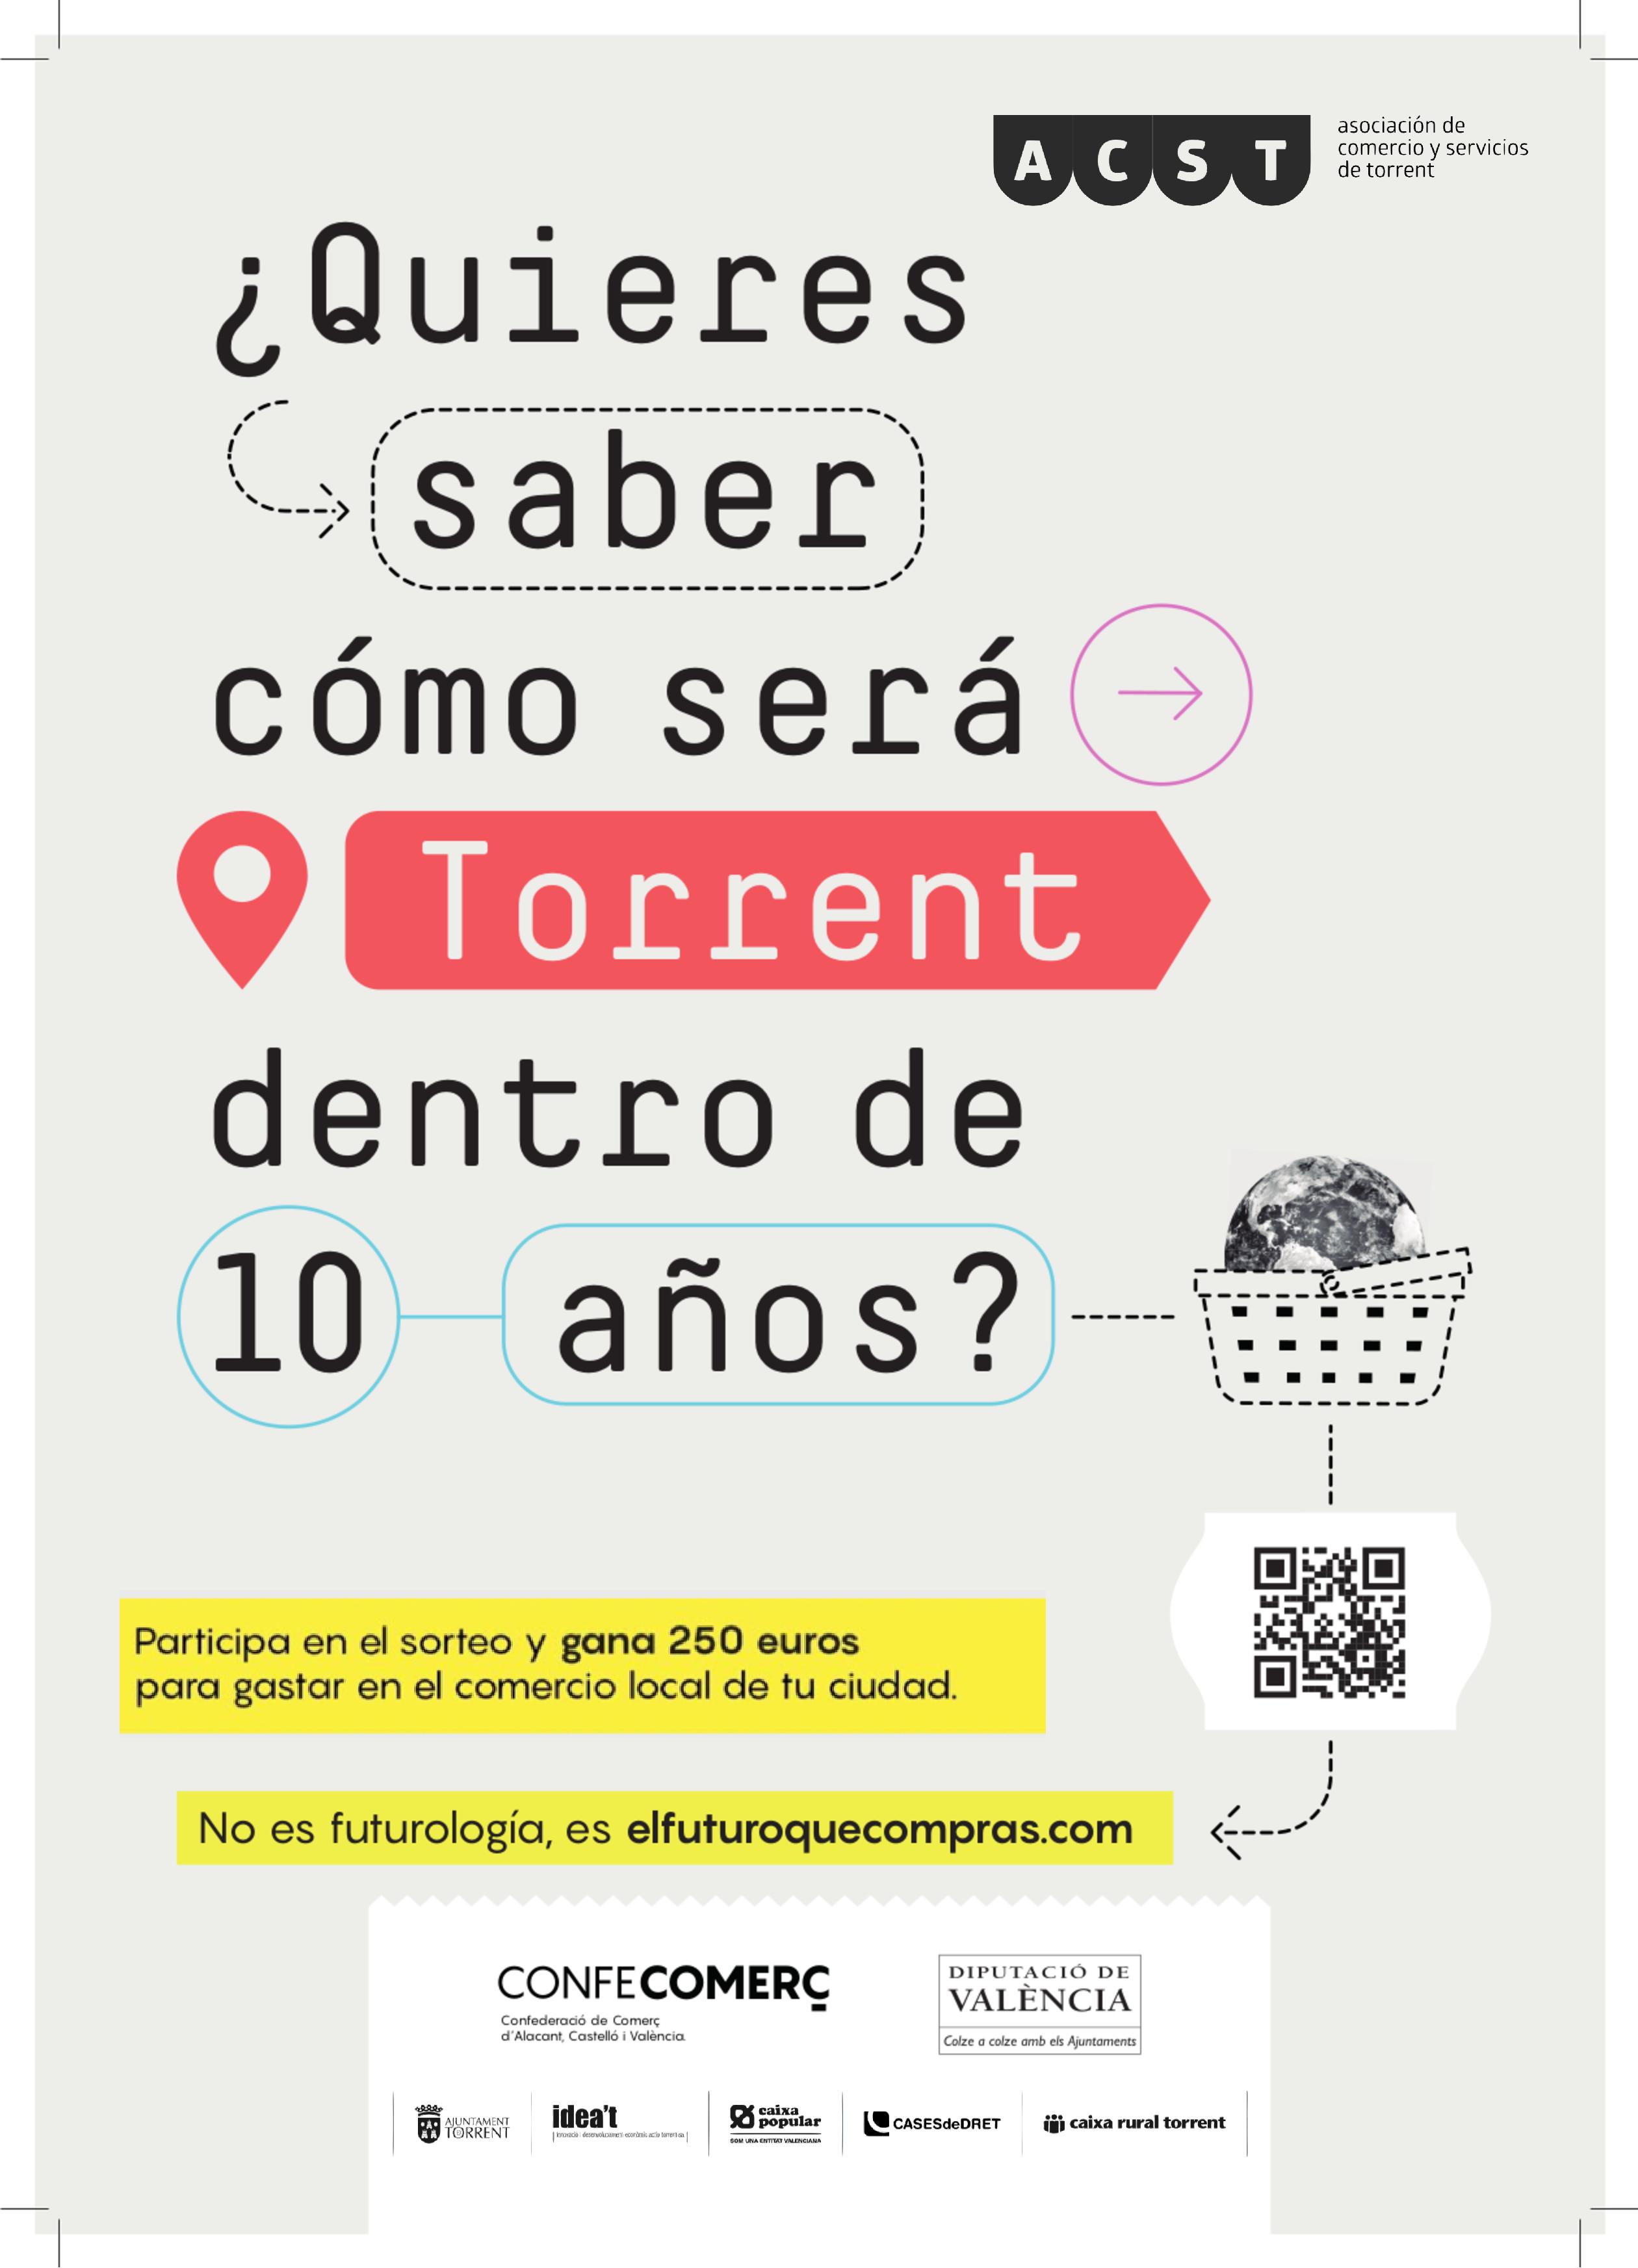 """Participa en la Campaña """"#ElFuturoqueCompras"""" y gana 250€ para gastar en el Comercio de Torrent !!!"""